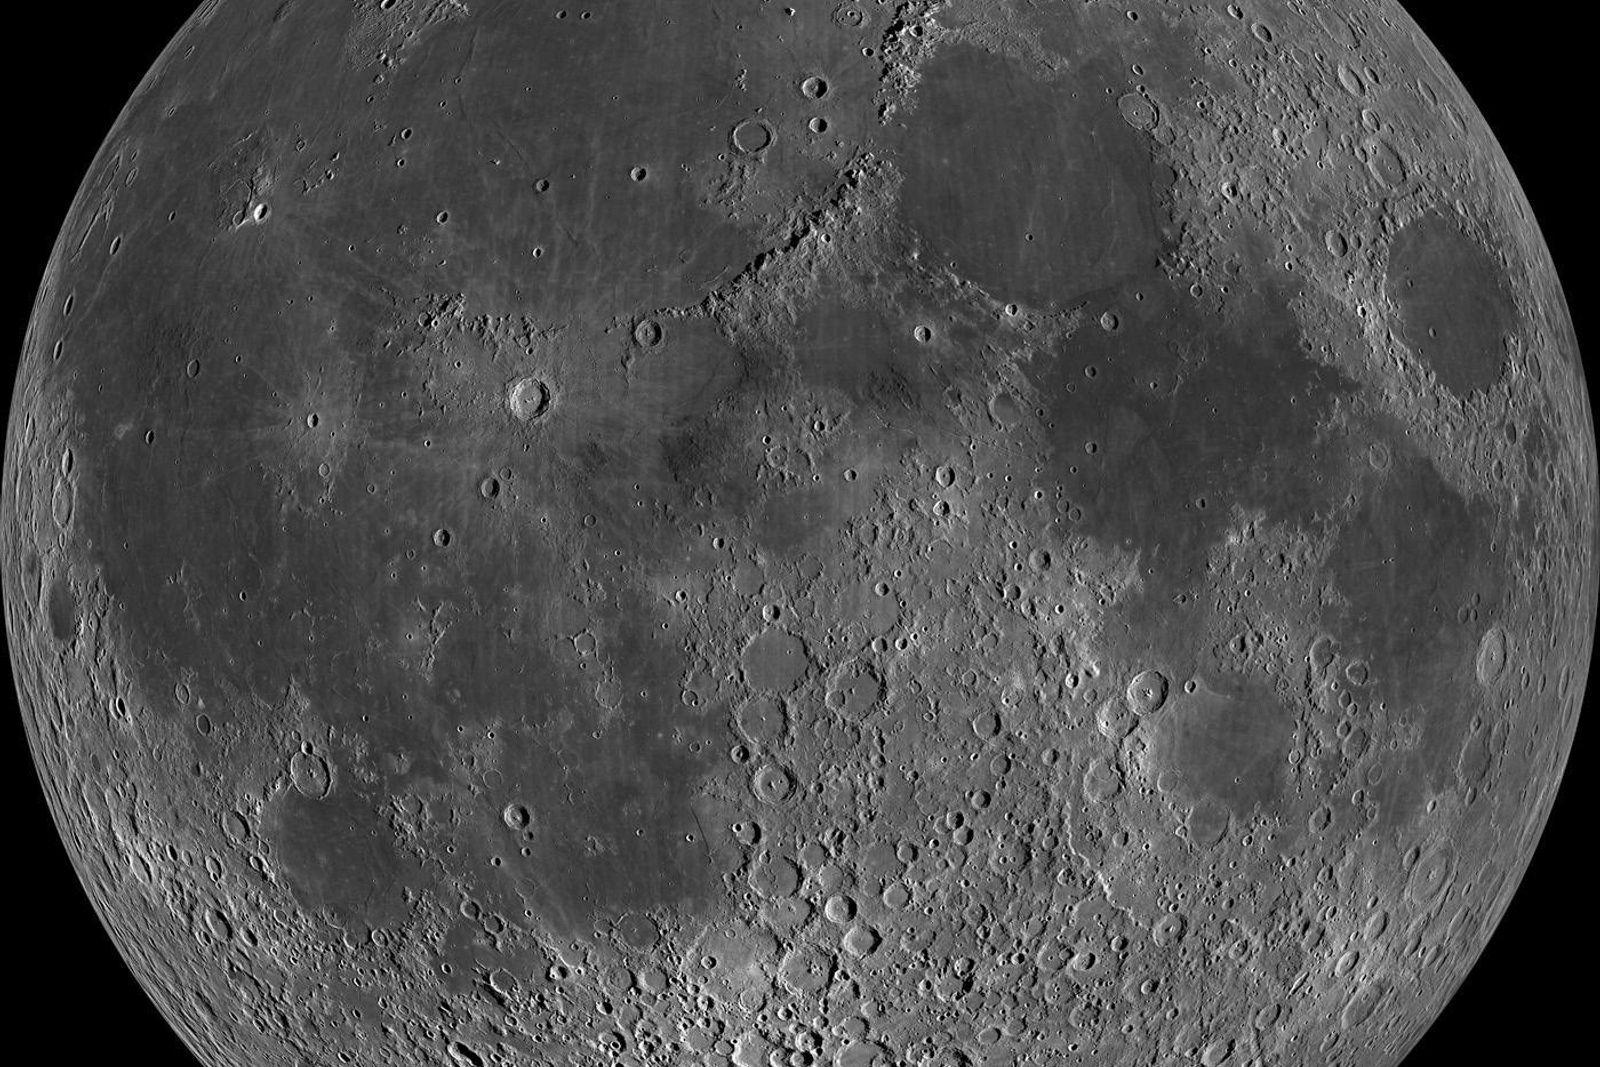 Der kleine, graue Erdtrabant könnte geologisch aktiver sein als angenommen, wie Daten von Instrumenten der Apollo-Missionen ...